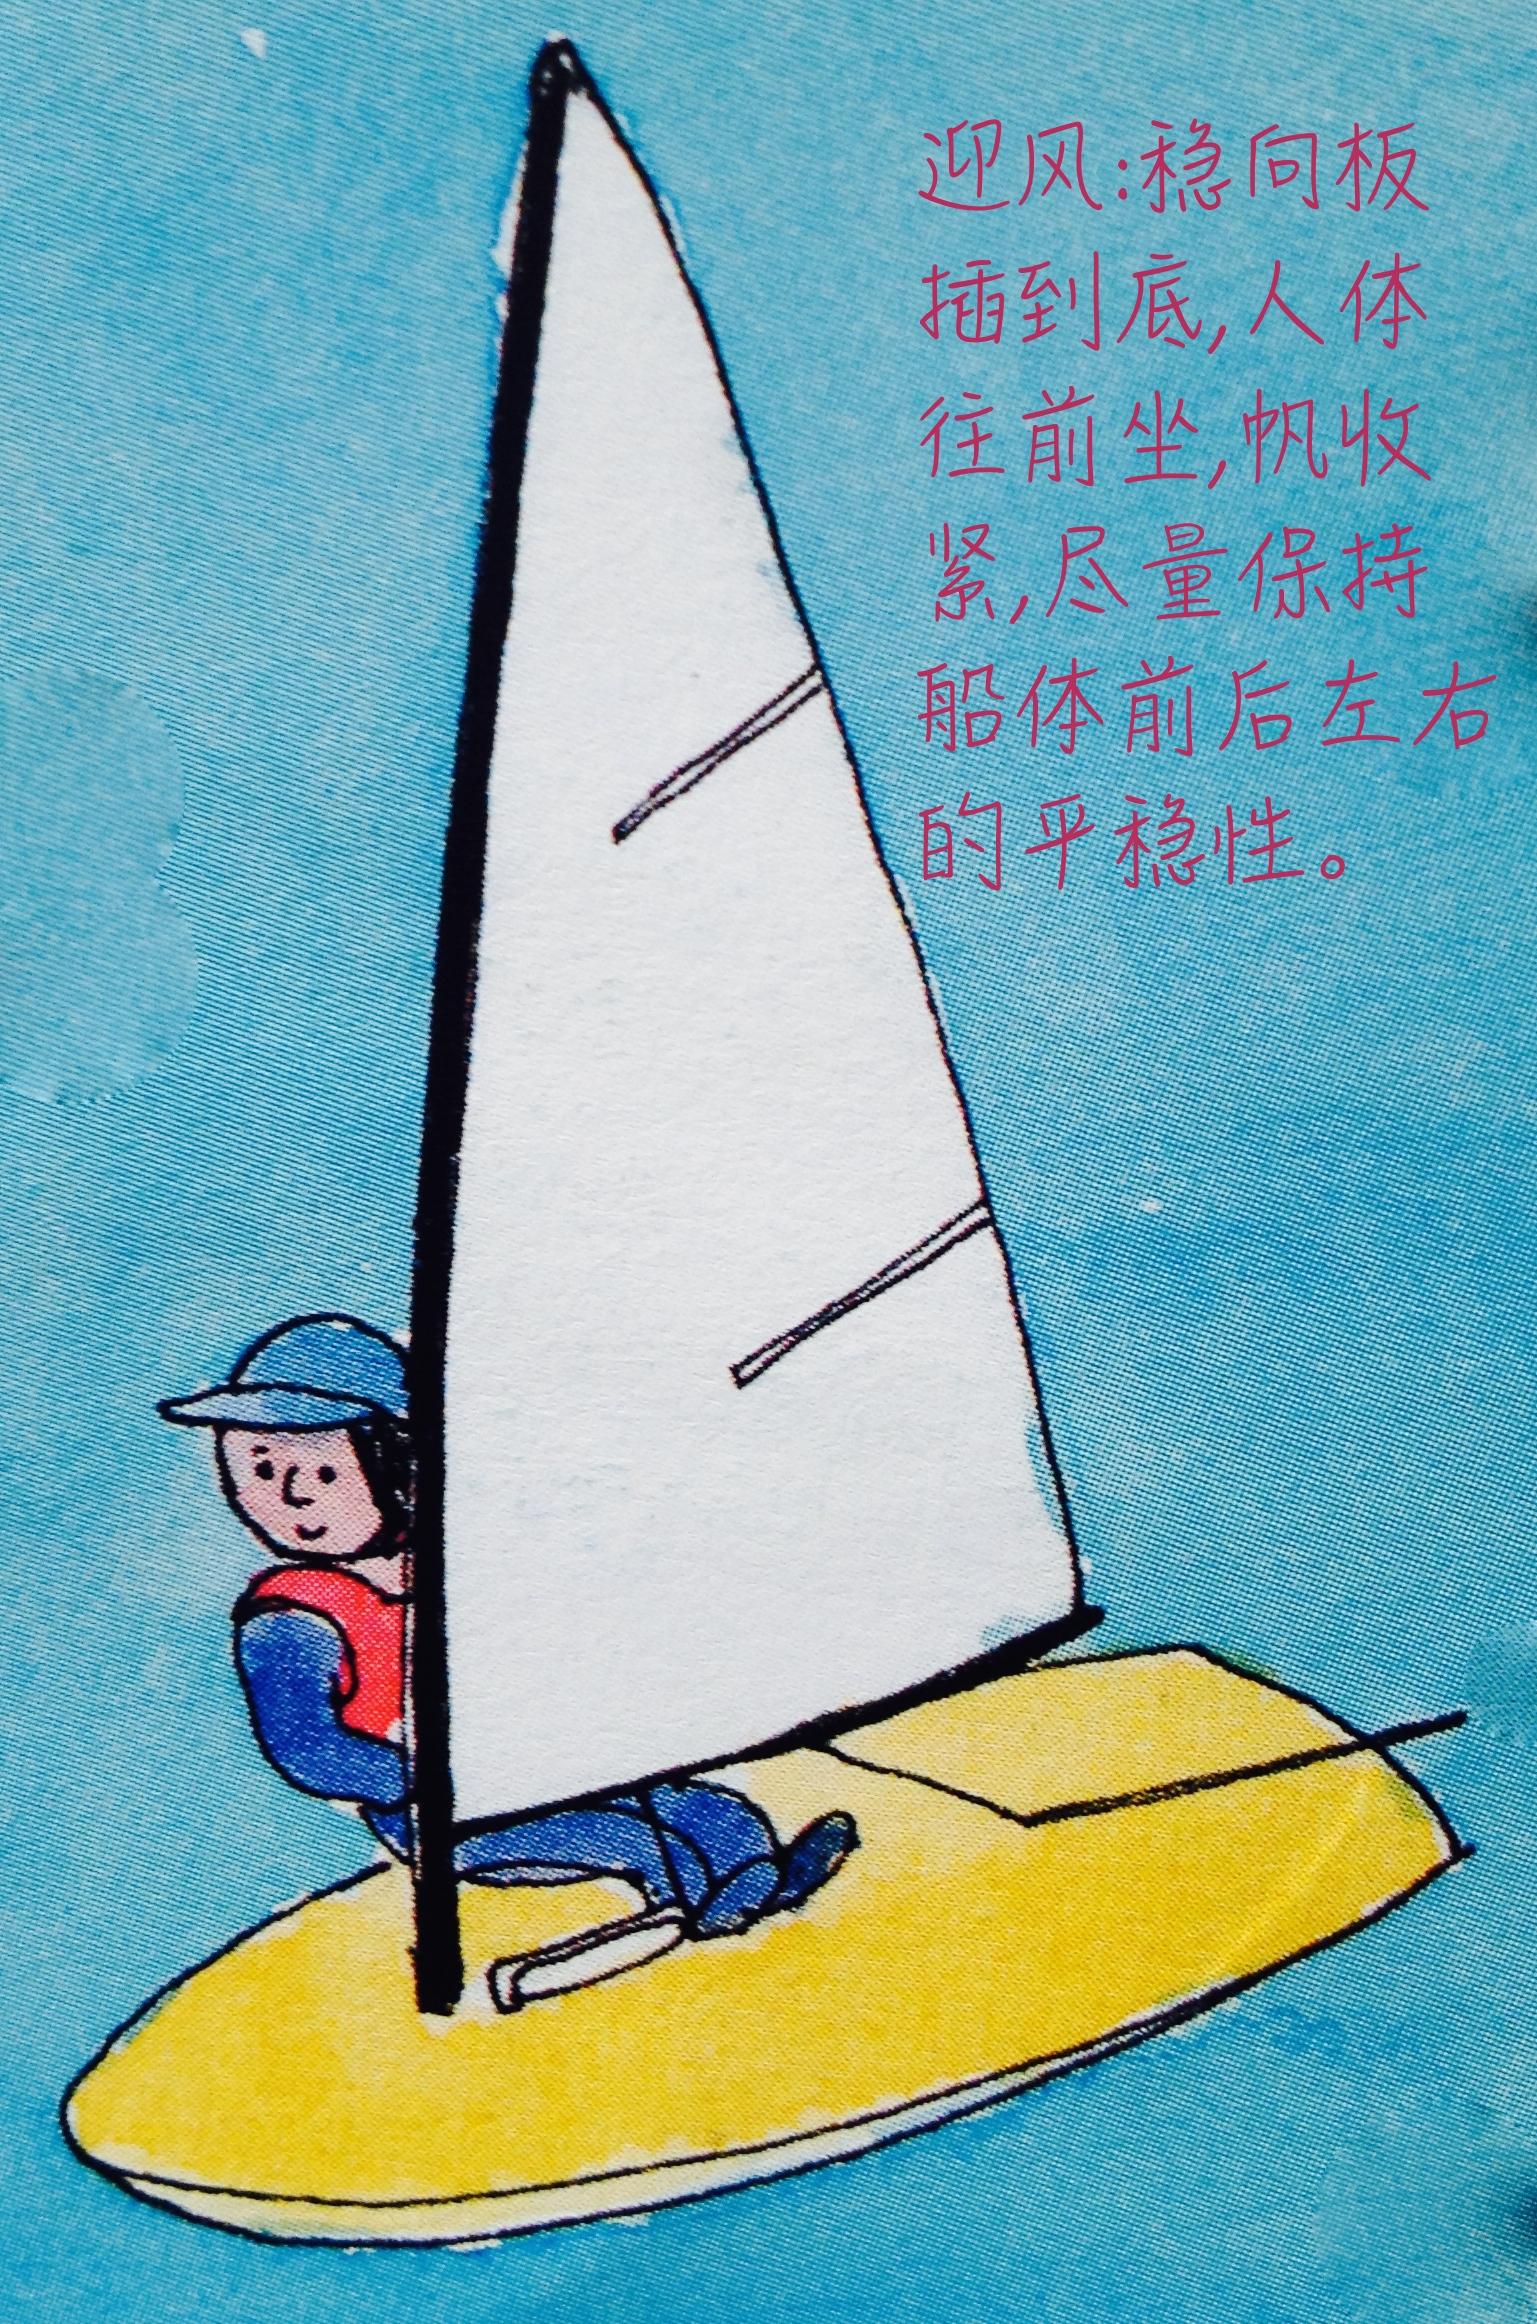 最大的,帆船,左右 操控迎风时应把帆收到船中央、稳向板插到底、看好风向线细微地推拉舵柄调试出最佳速度 10a迎风.jpg